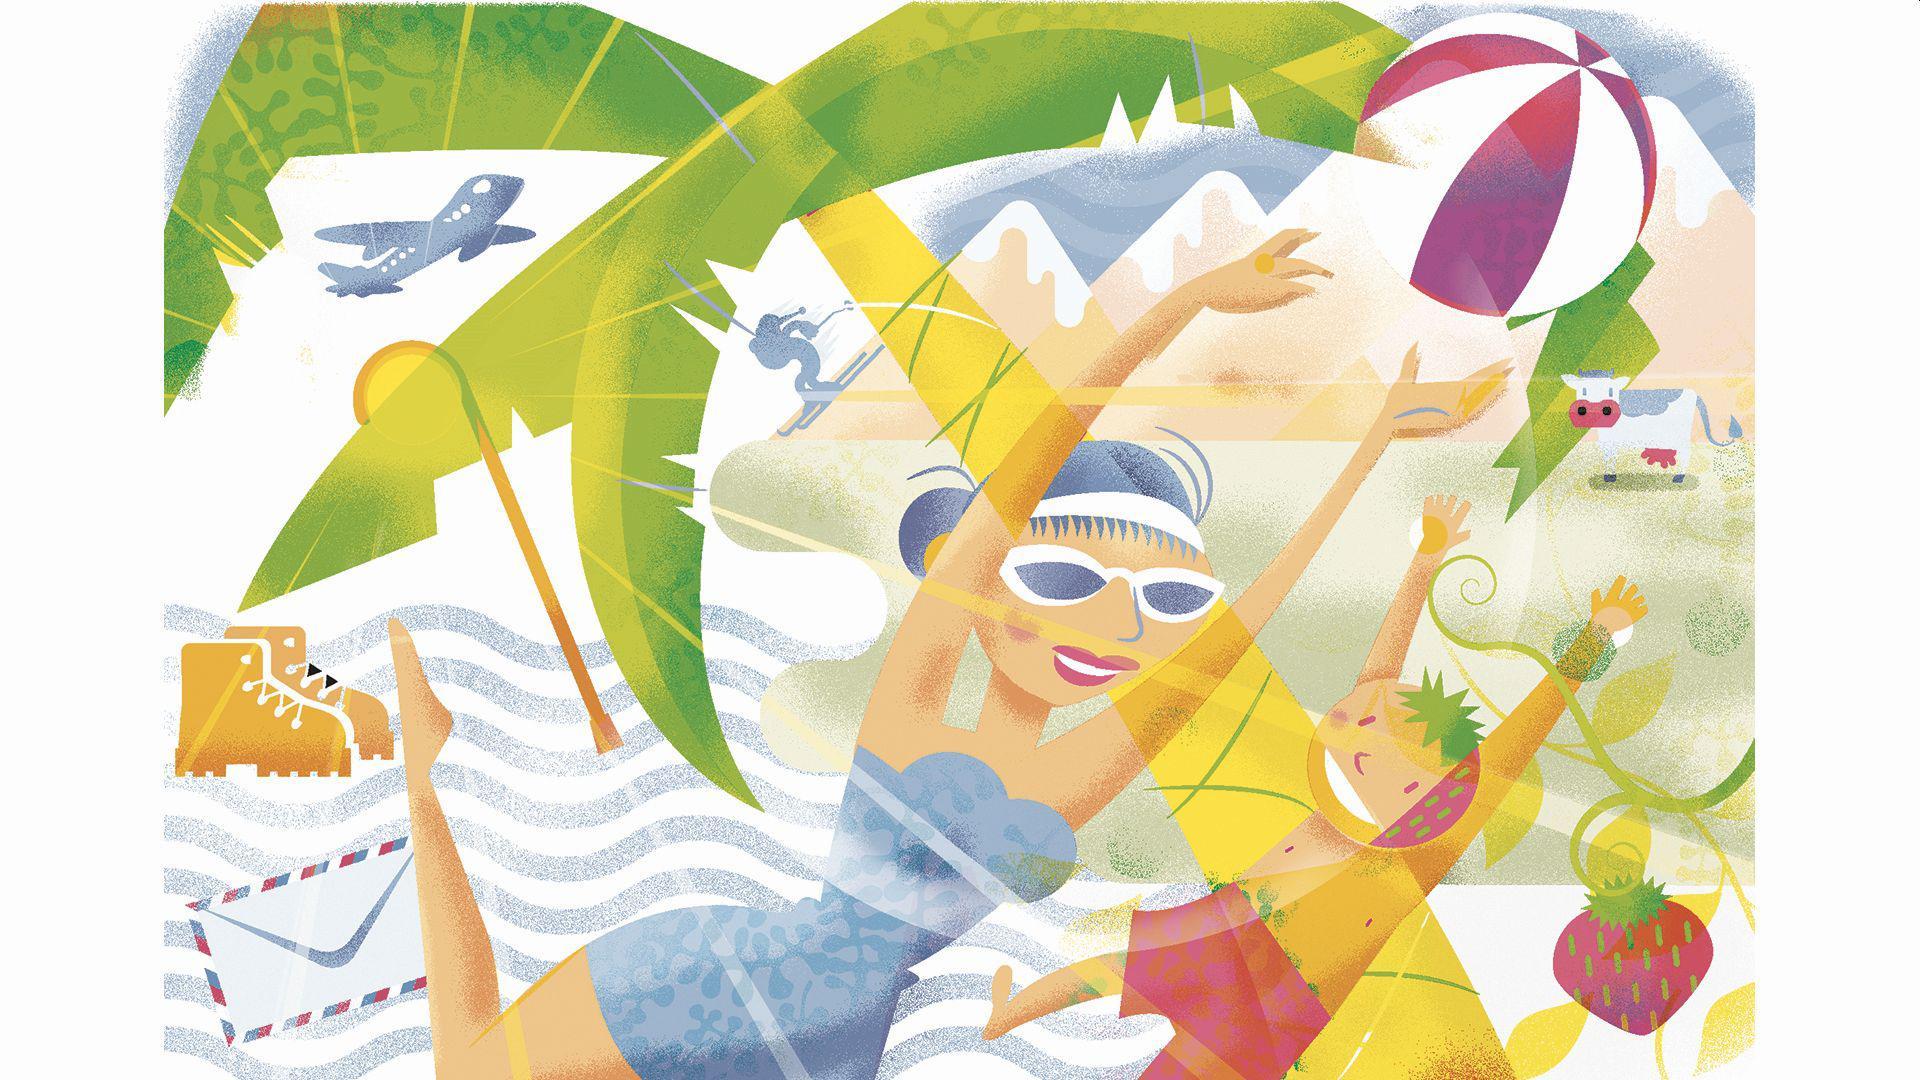 Berge, Strand und ganz viel Spaß: Am 29. Juli beginnen die Sommerferien in Baden-Württemberg. Die BNN suchen Geschichten zu den schönsten Wochen des Jahres..